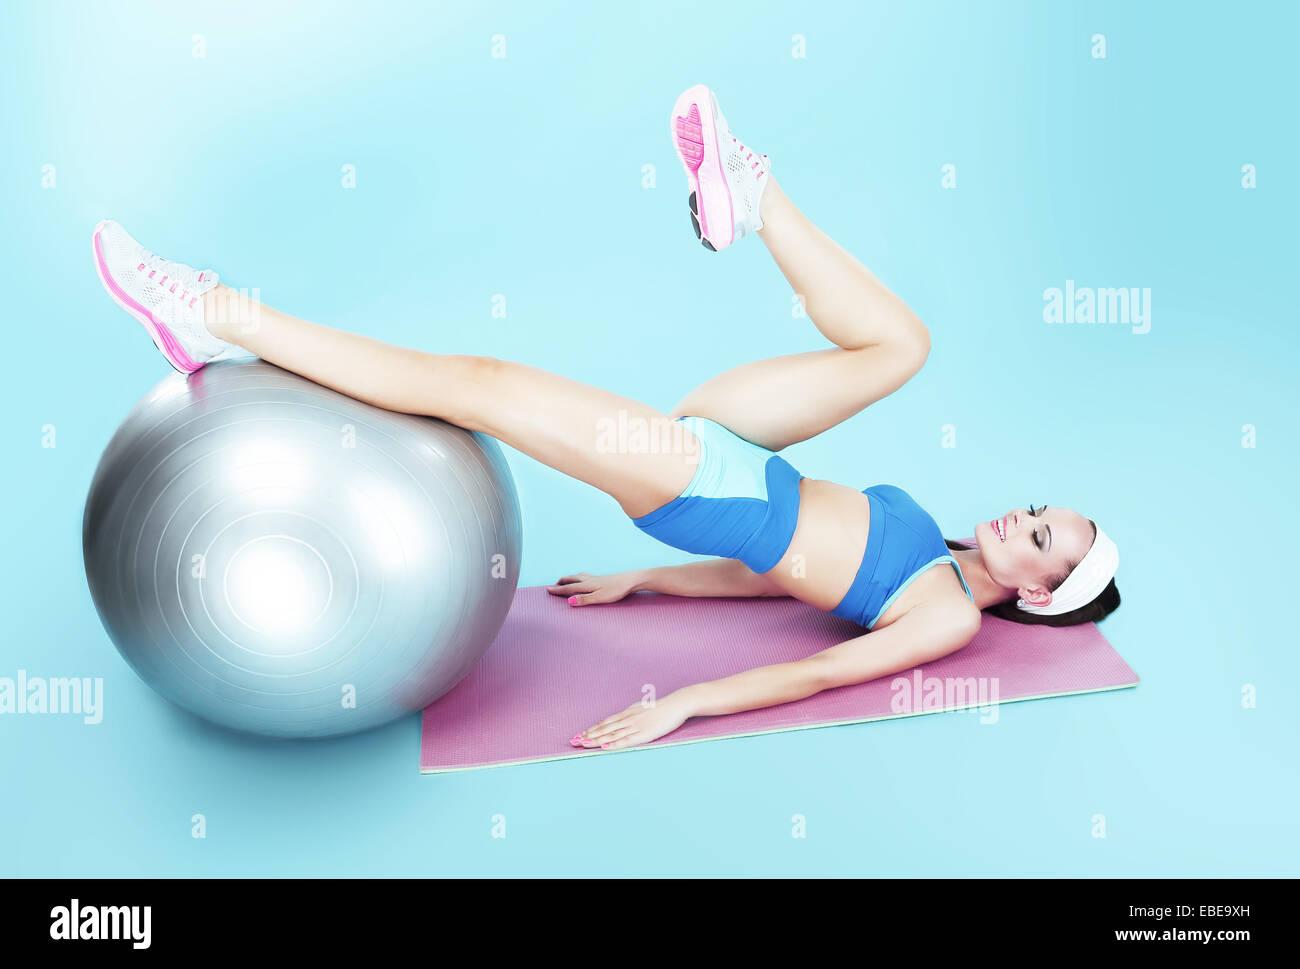 D'entraînement. Femme active avec l'exercice de fitness Ball Photo Stock